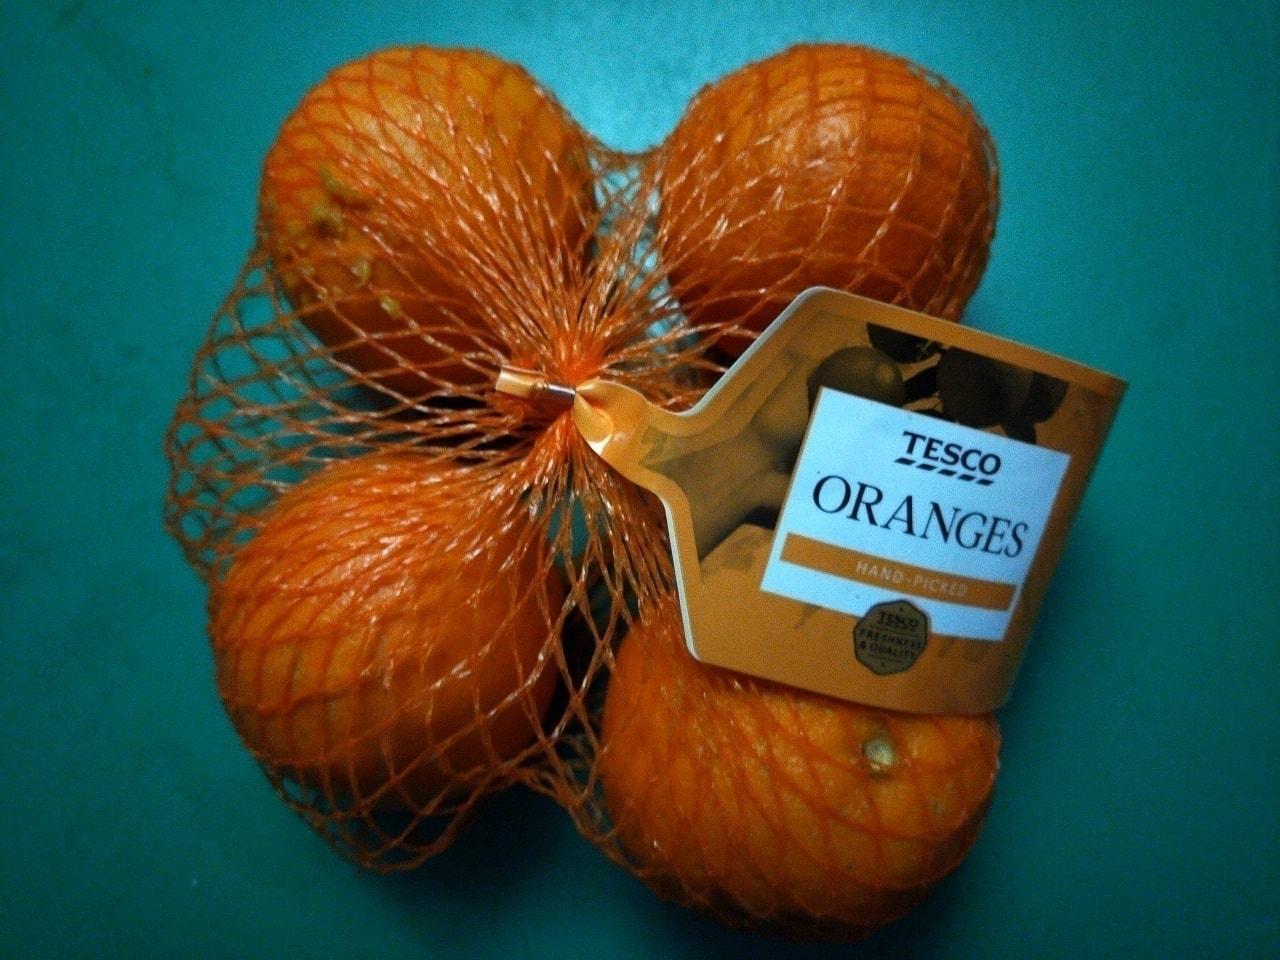 Tesco oranges